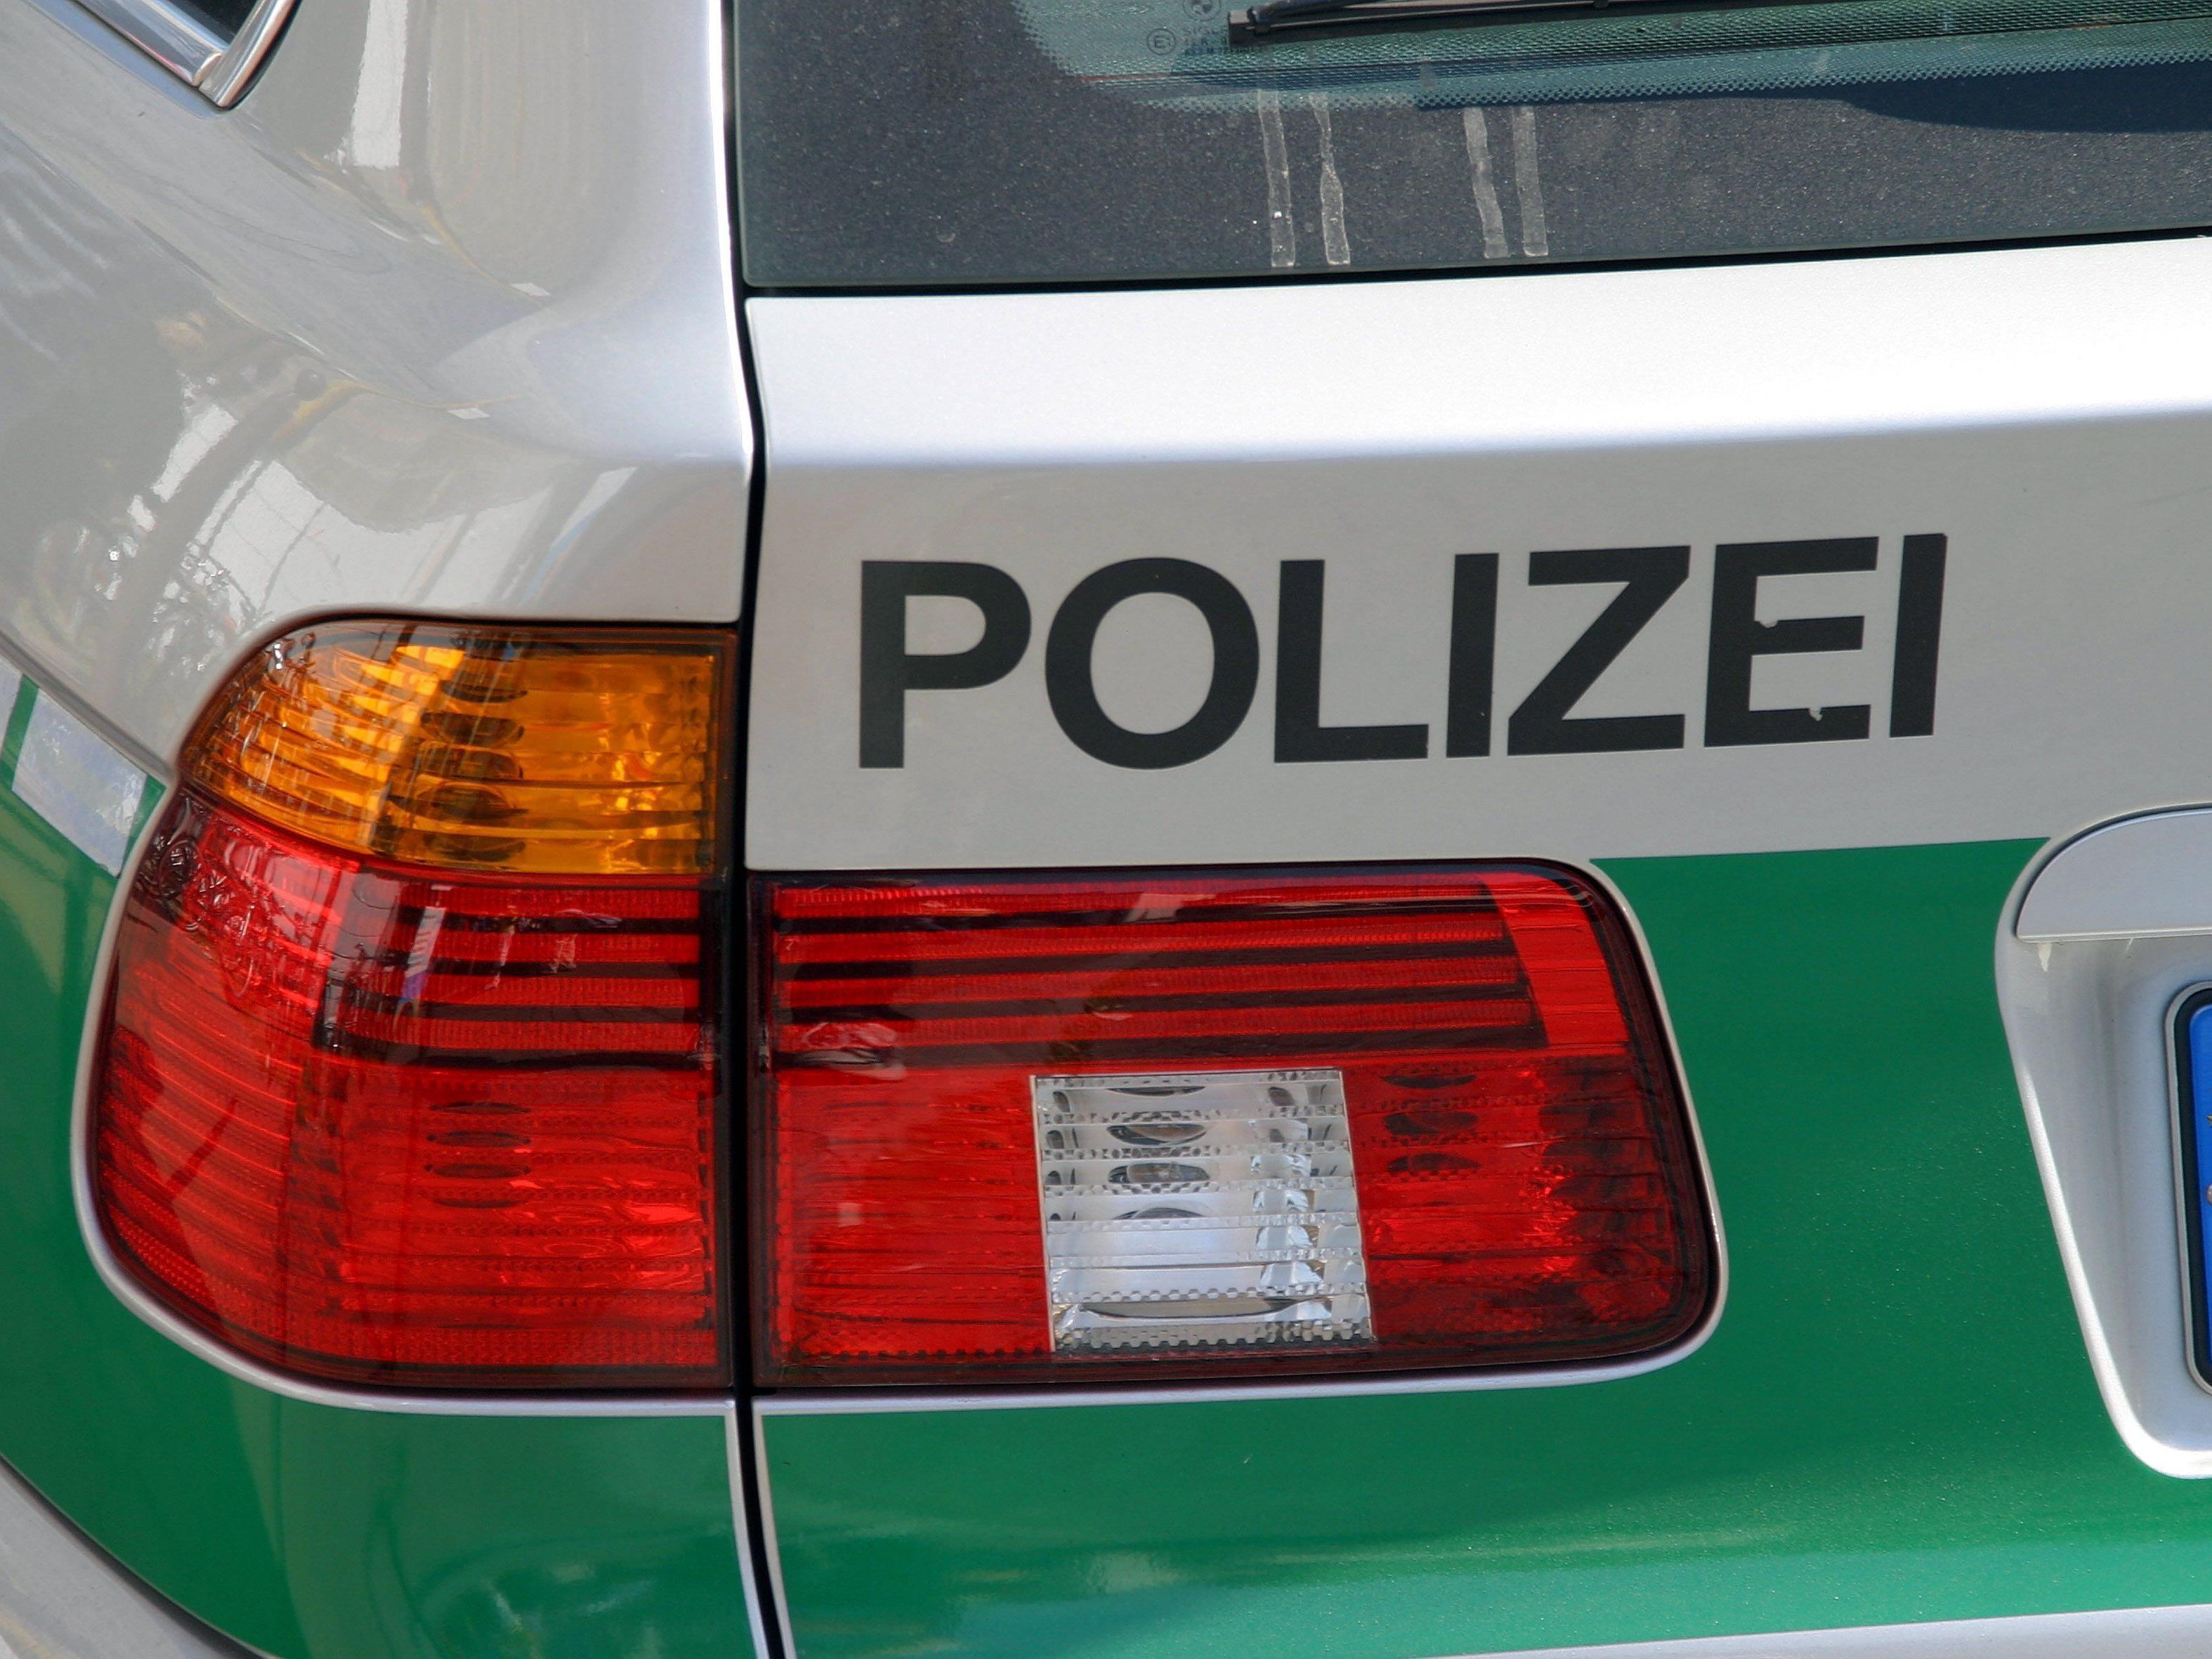 40-jähriger Mann stürzte in Lindenberg mit Messer bewaffnet in Kita.